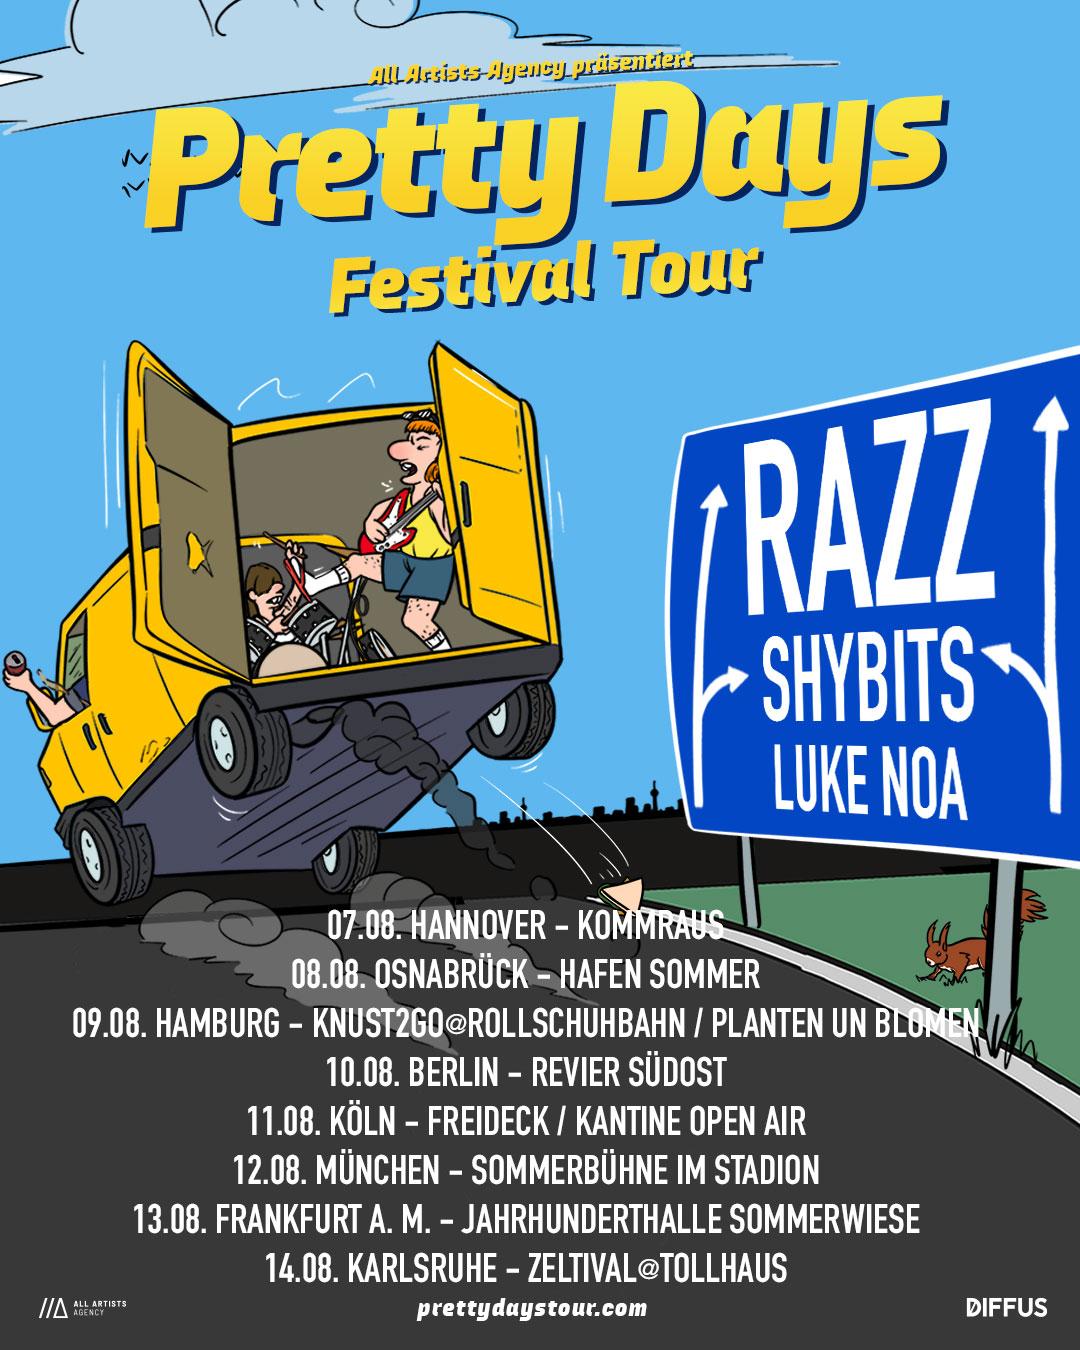 Pretty Days Festival Tour   Mit RAZZ, SHYBITS, LUKE NOA